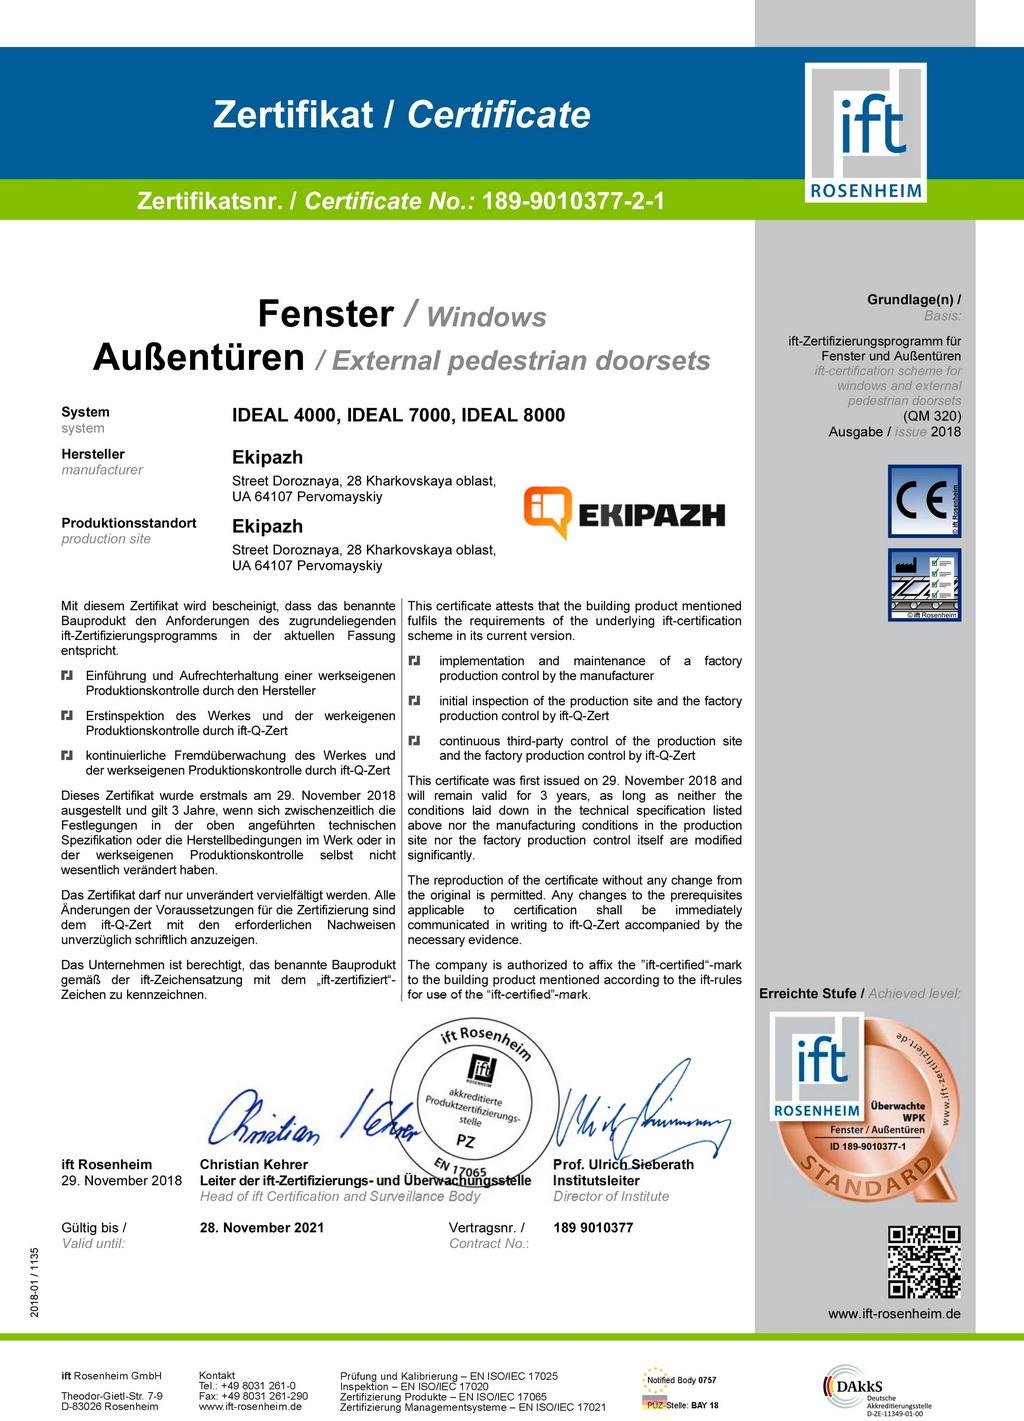 Сертифікат ROSENHEIM IDEAL 4000, IDEAL 7000, IDEAL 8000, який допомагає дилерам EKIPAZH при роботі з клієнтами